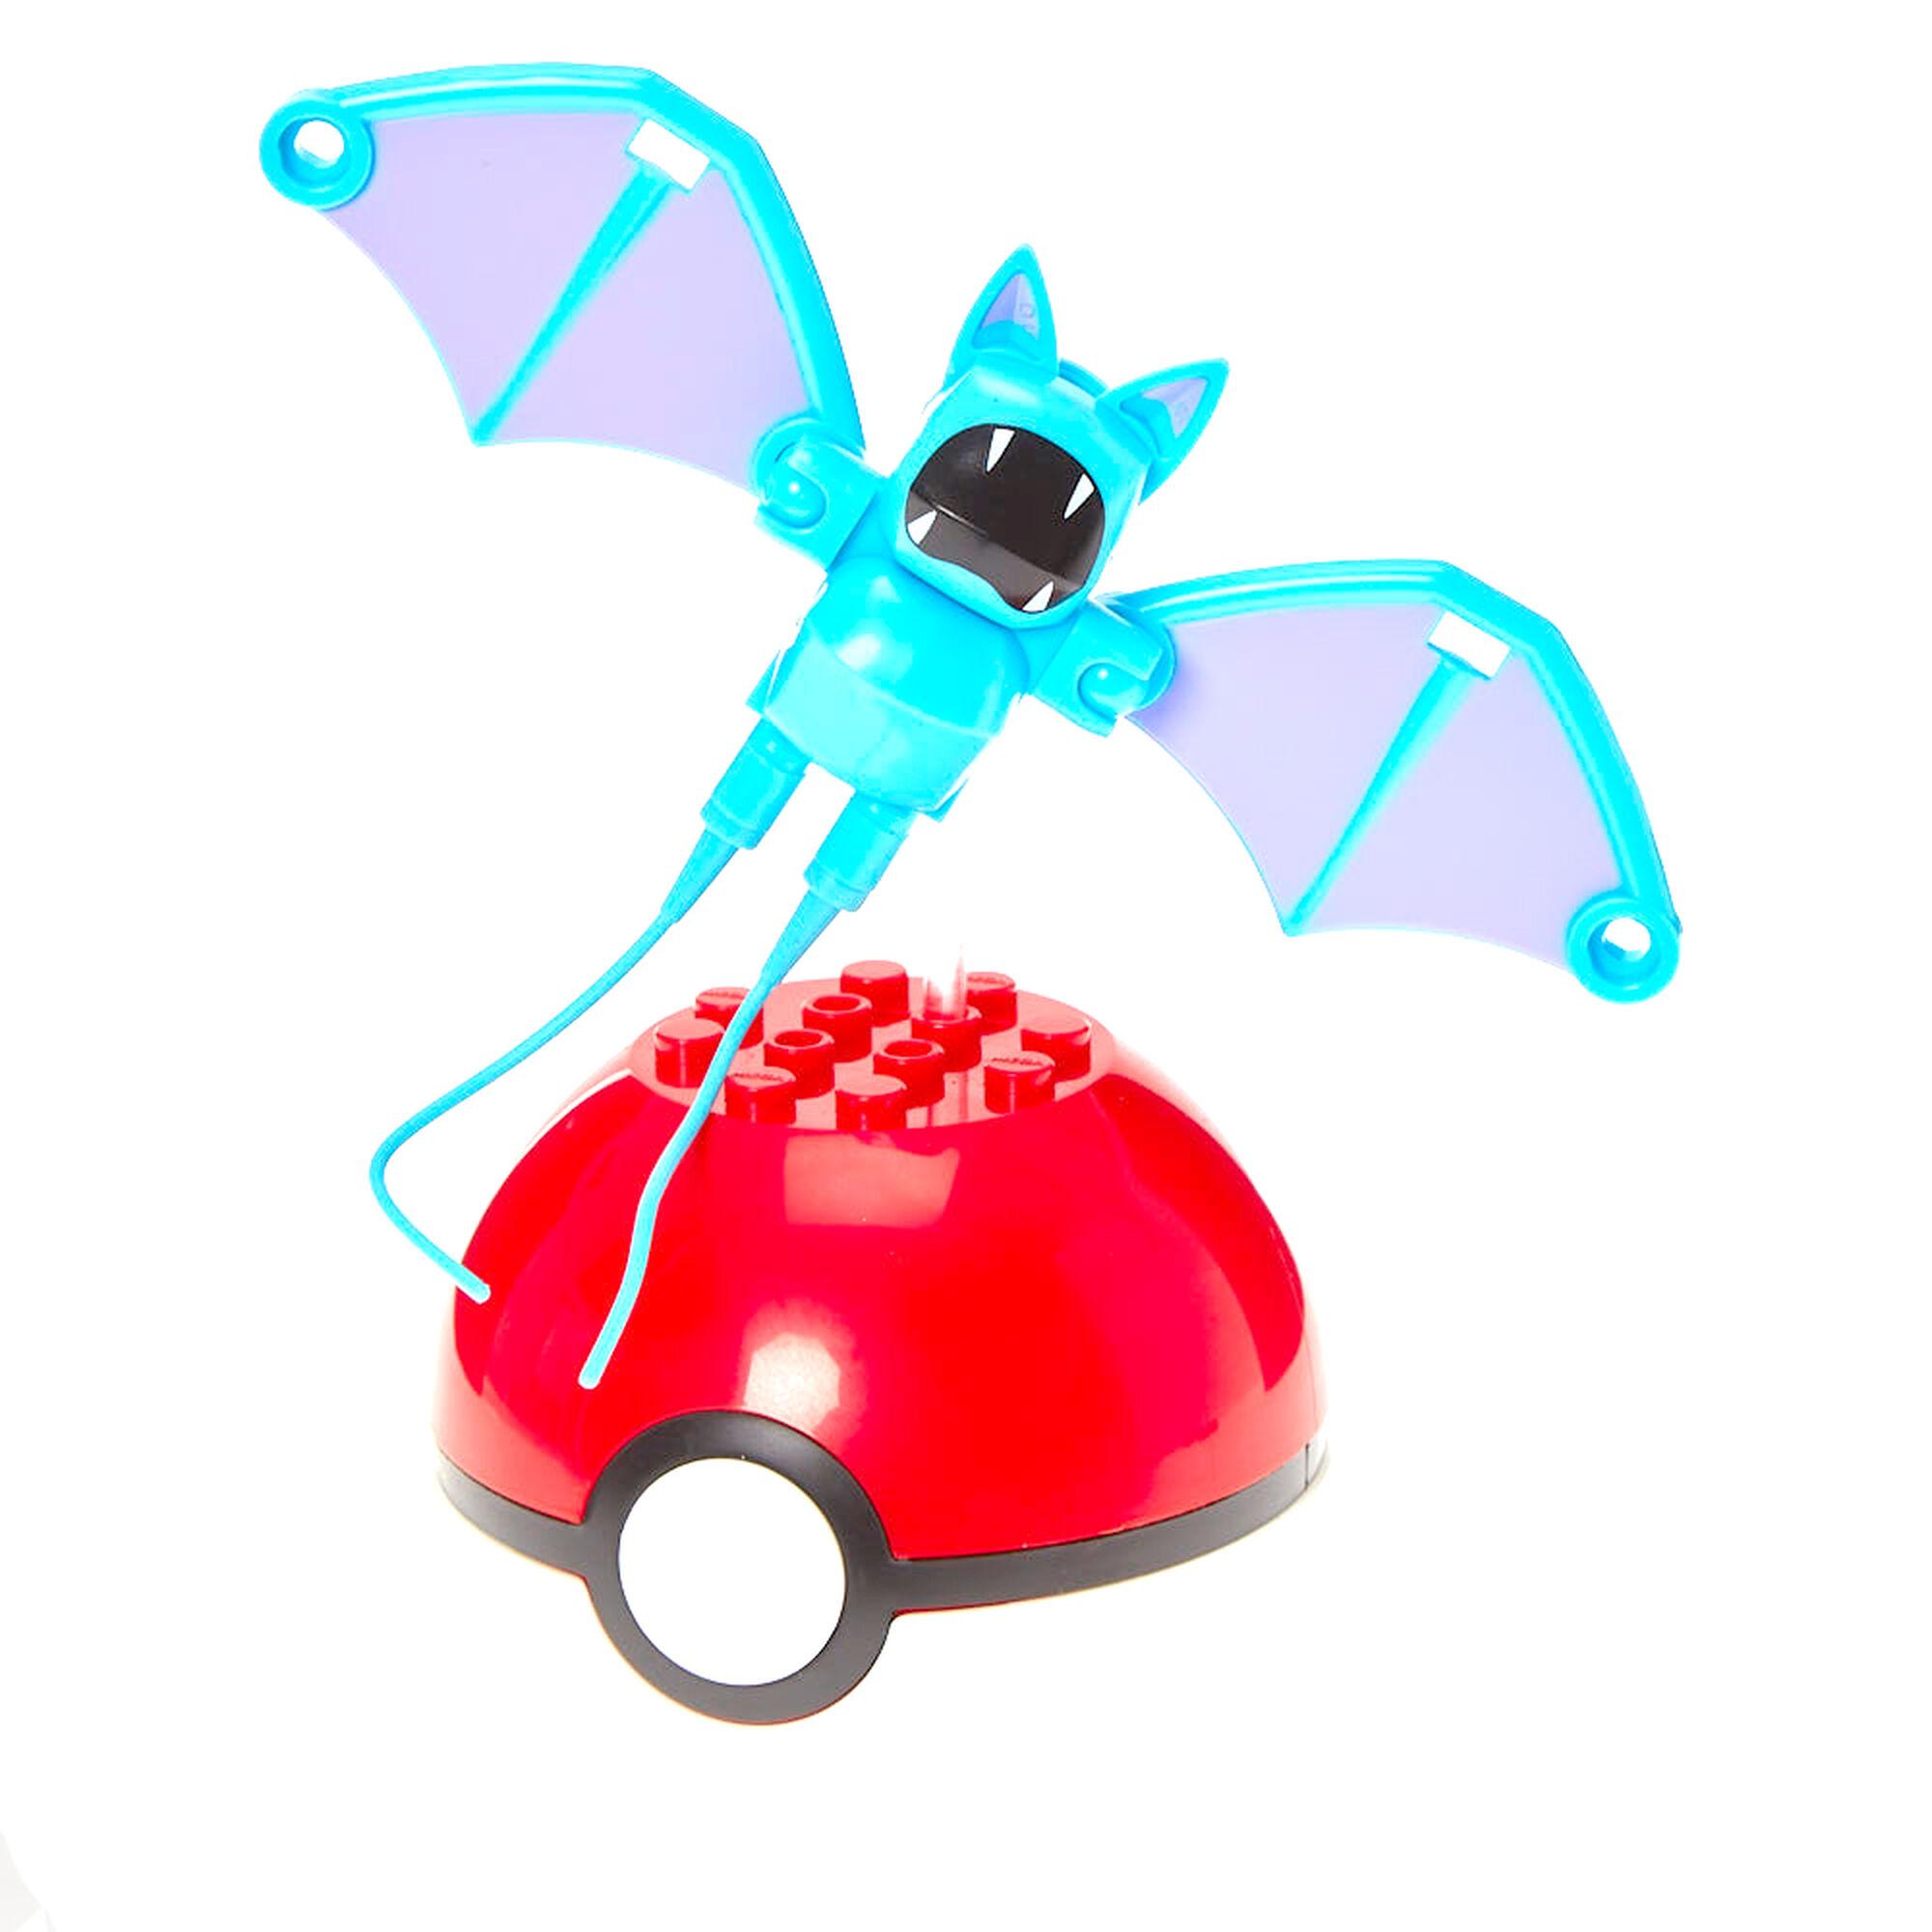 Zubat Pokémon Mega Construx